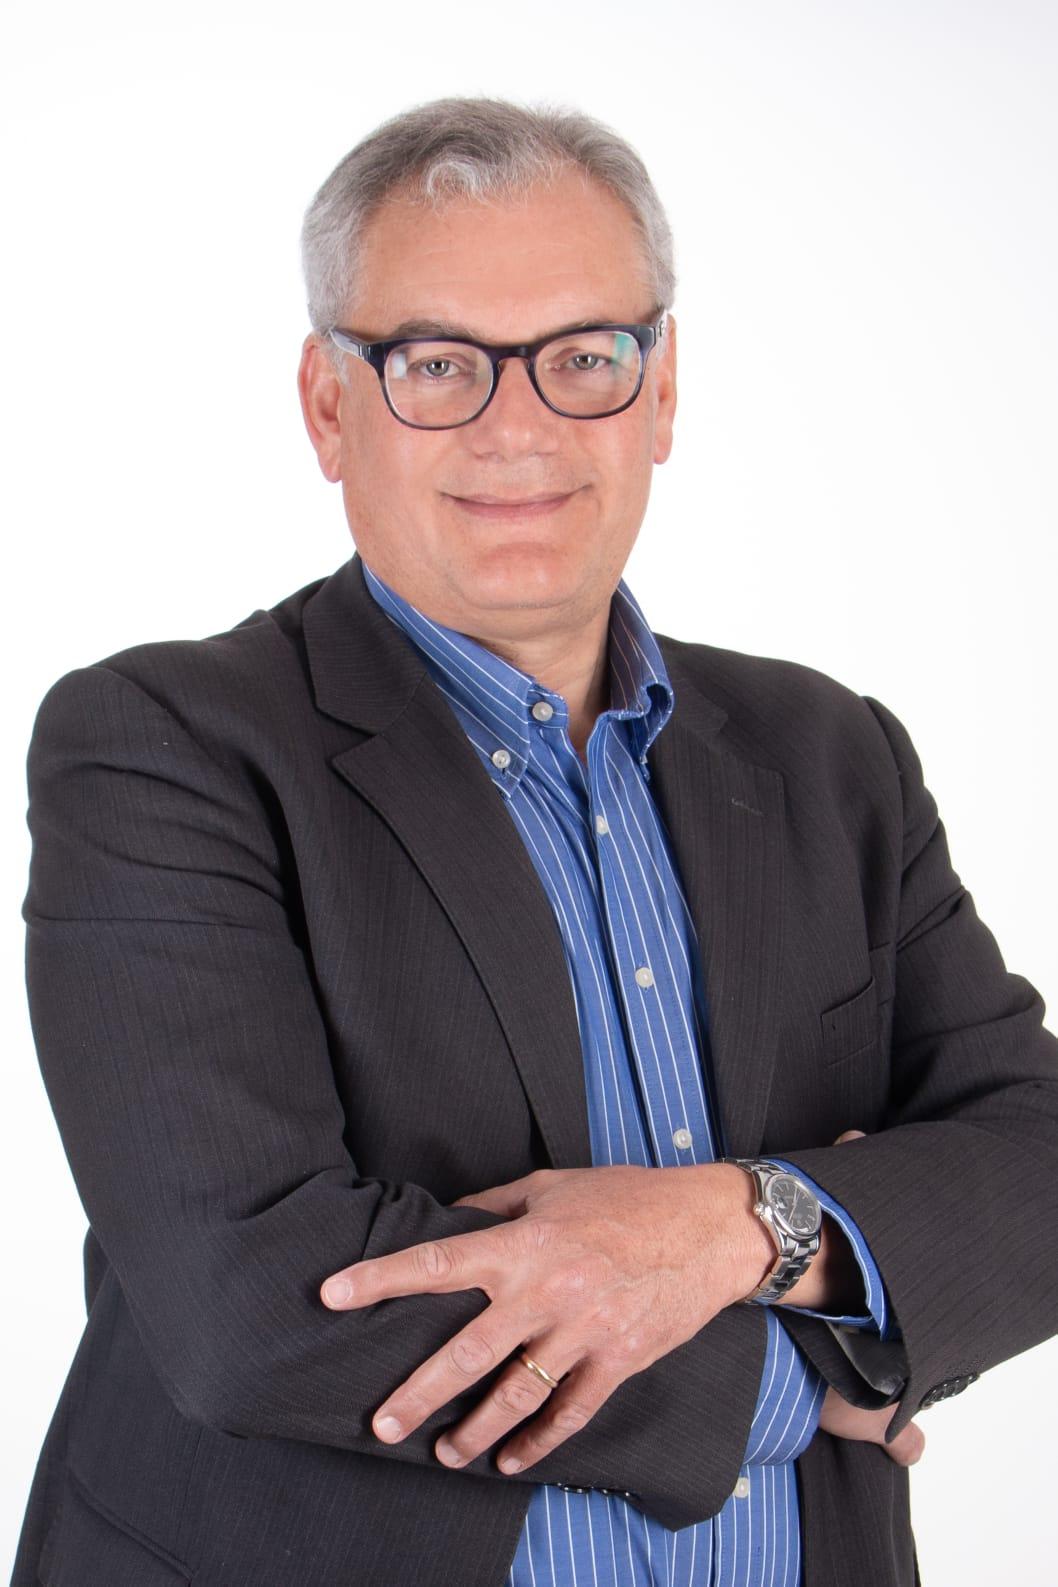 Riflessioni sulla tematica del lavoro in Italia dopo l'emergenza Covid-19 – di Francesco Rabotti, direttore Ufficio Pastorale Sociale e del Lavoro Diocesi Sora Cassino AquinoPontecorvo